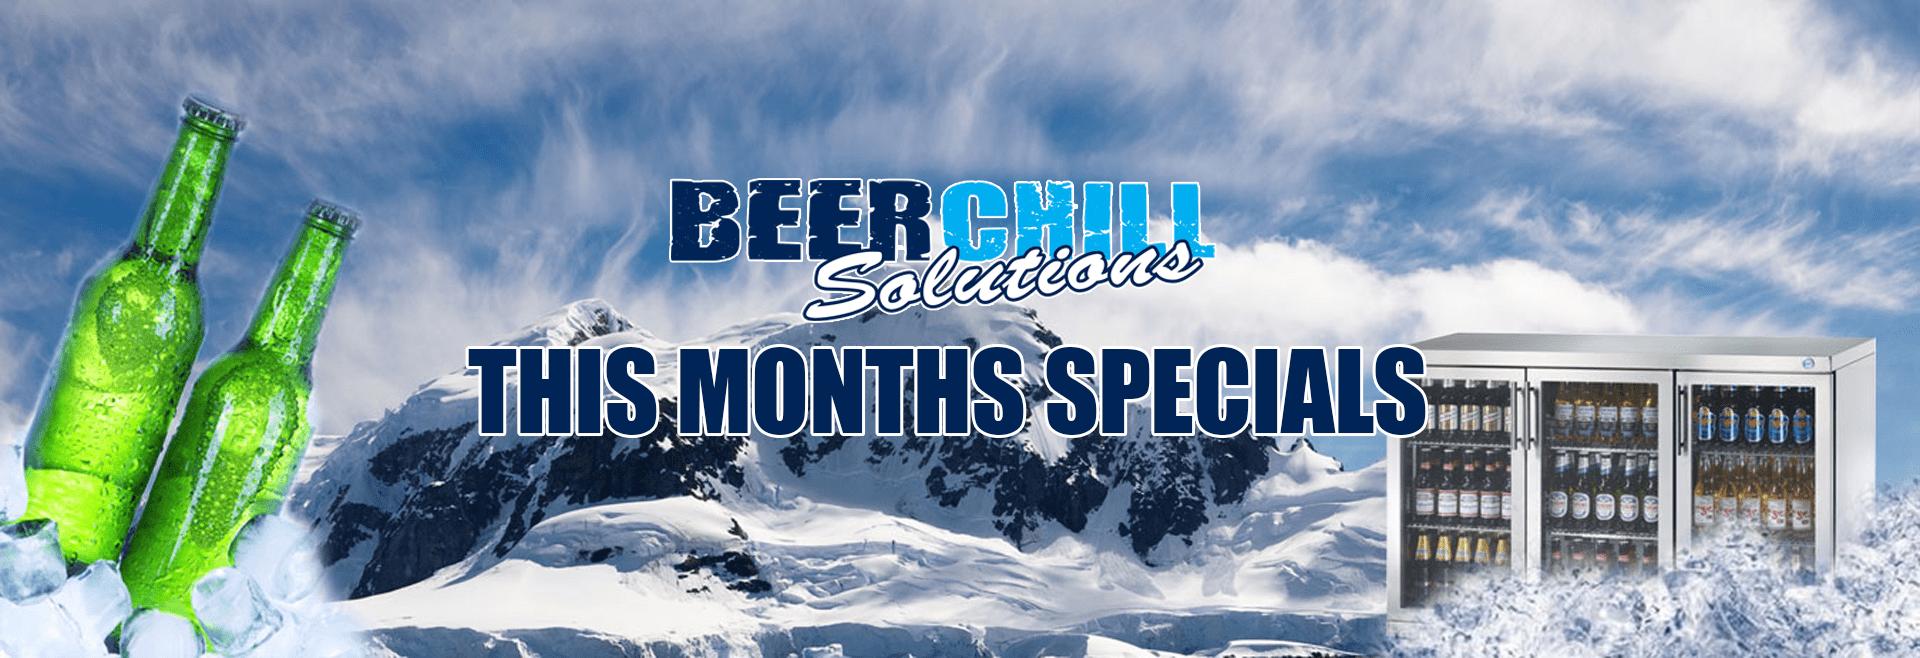 beerchiilmonths-specials-min